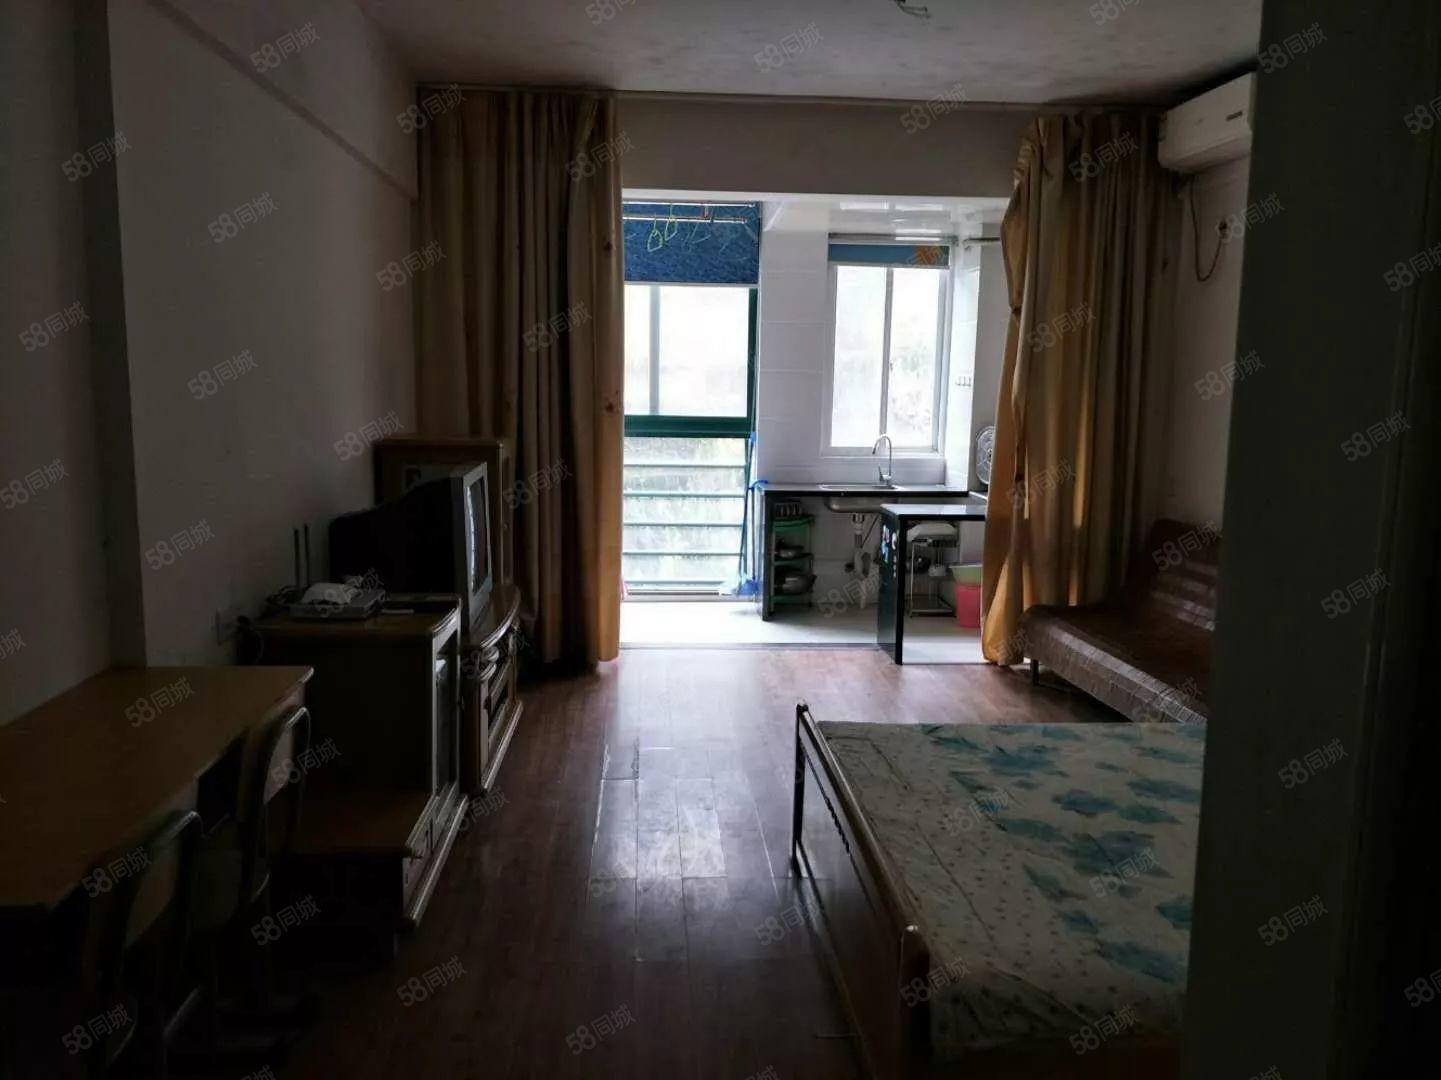 金域兰湾单身公寓出租房子他不会看房有钥匙